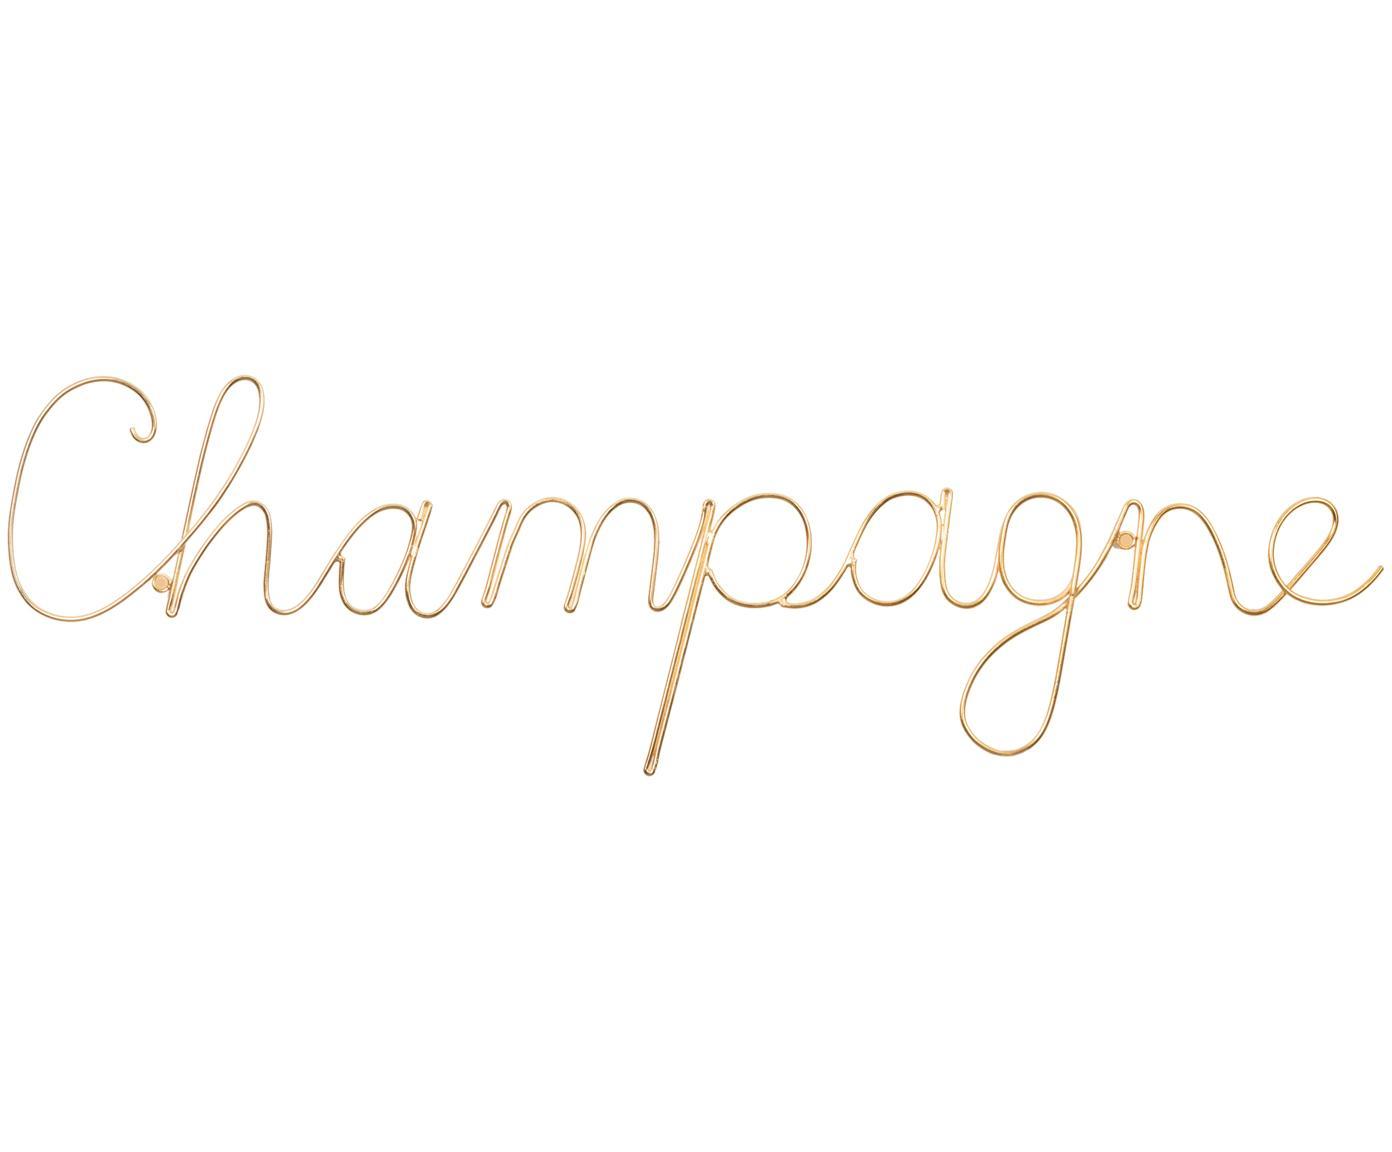 Wandobject Champagne van aluminium, Aluminium, Goudkleurig, 57 x 16 cm